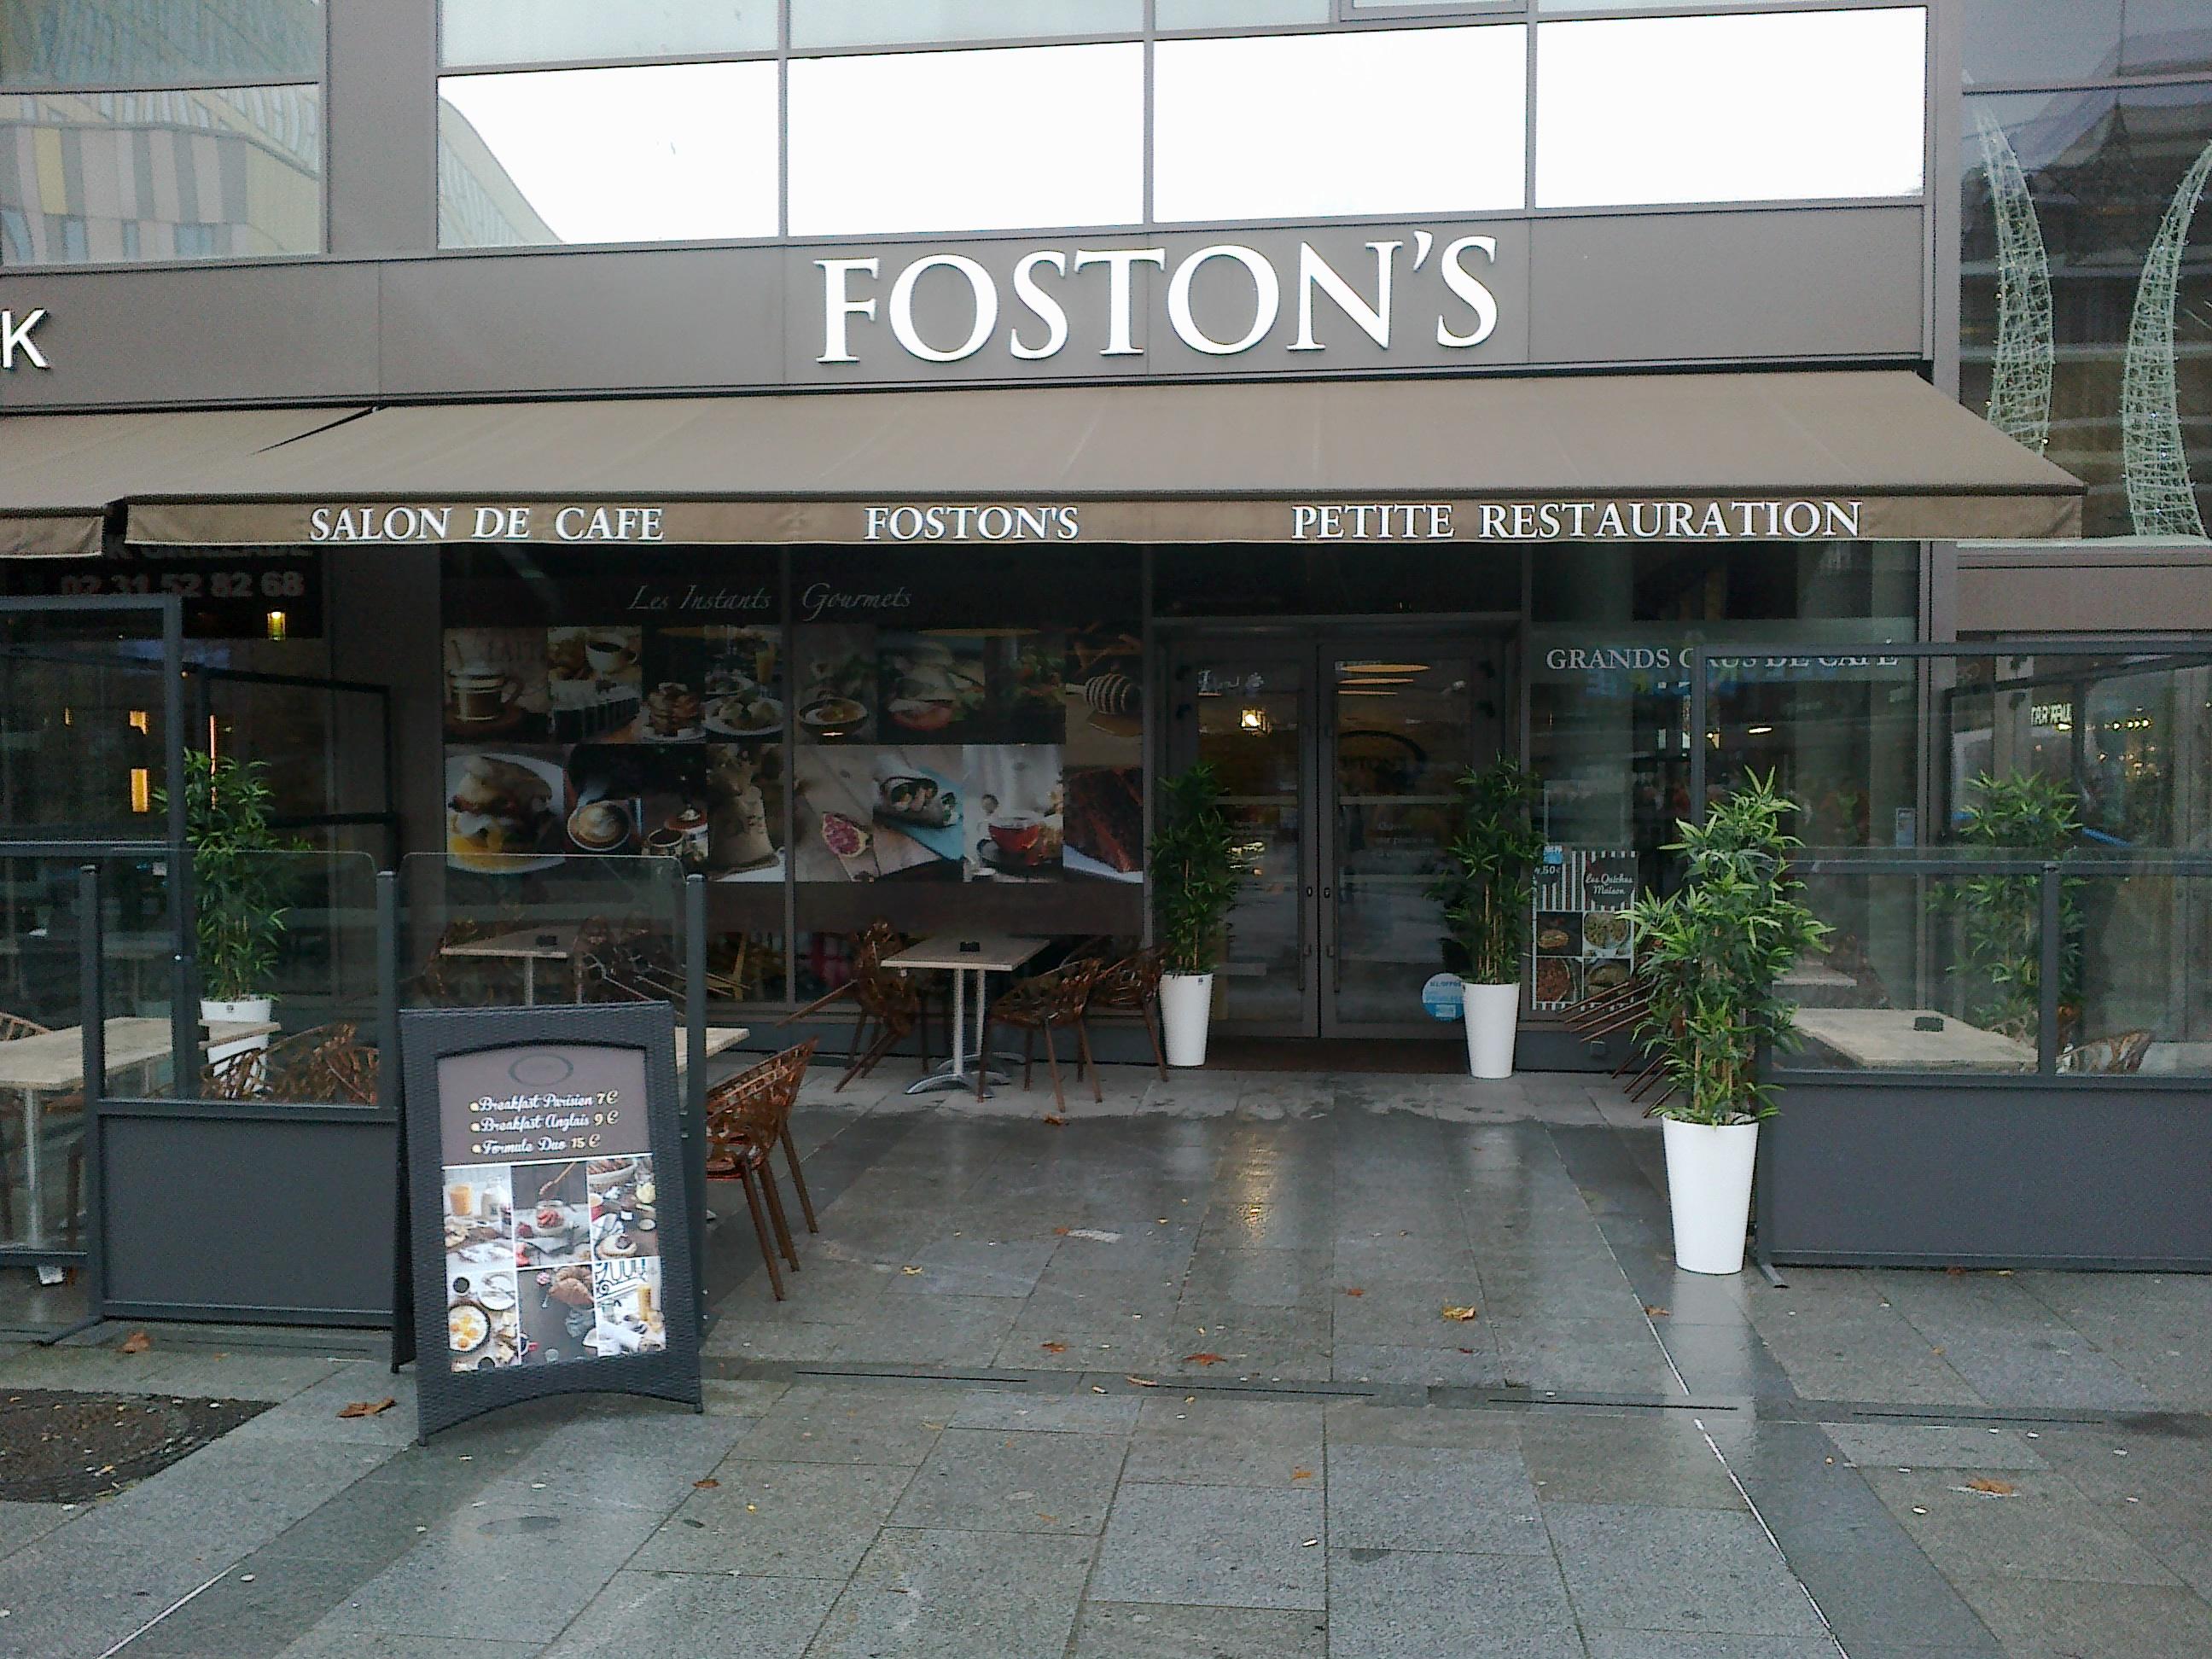 Foston's